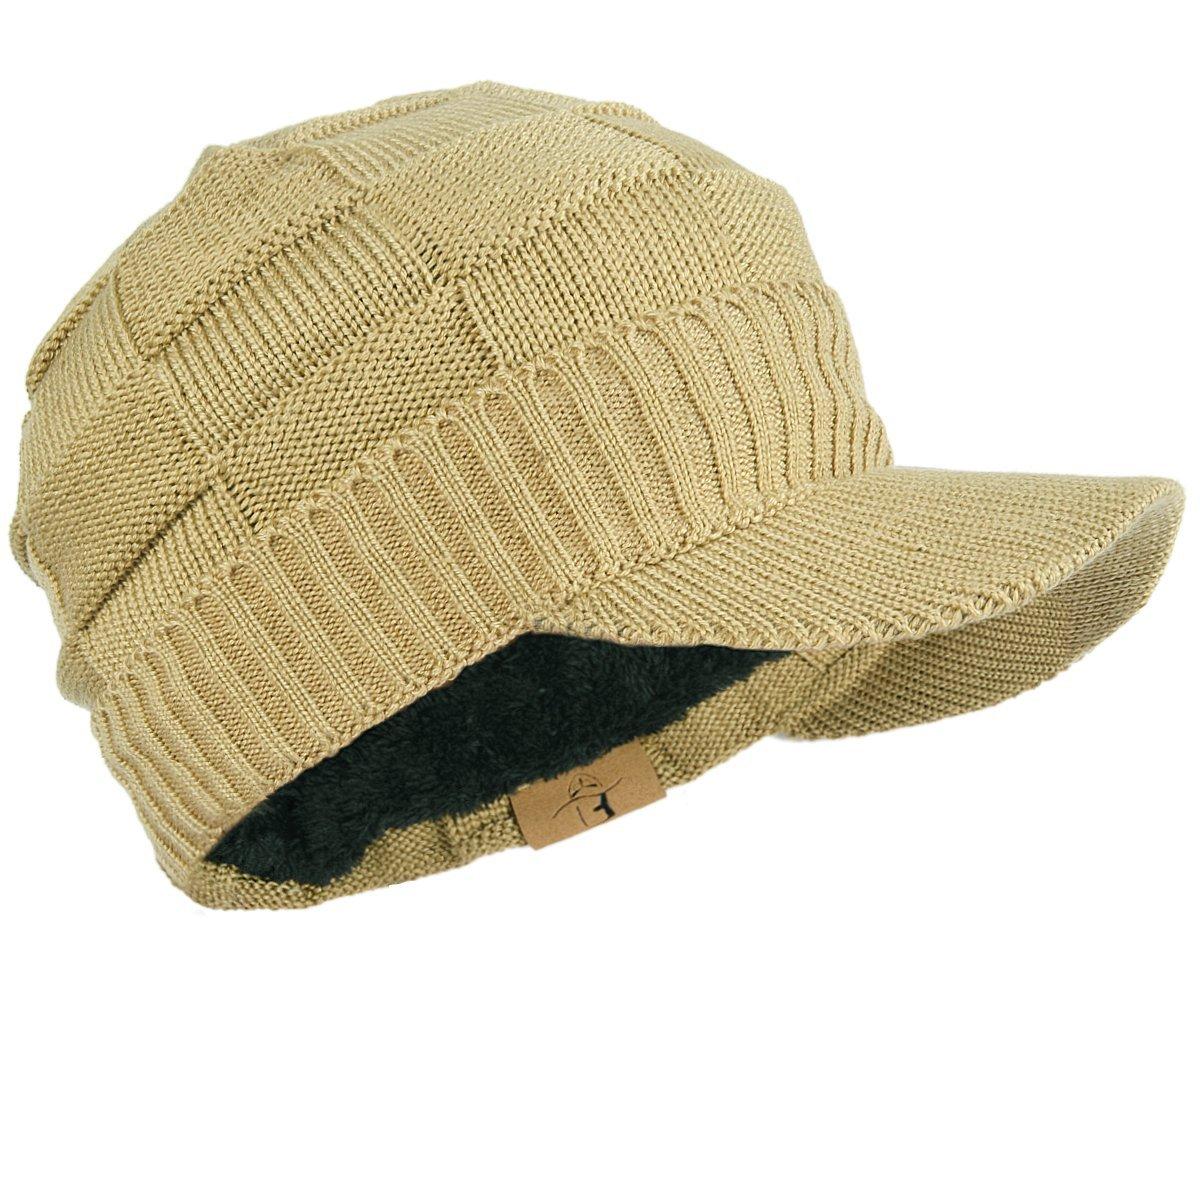 FORBUSITE Men Knitted Visor Beanie Hat for Winter B322-BK-B5042